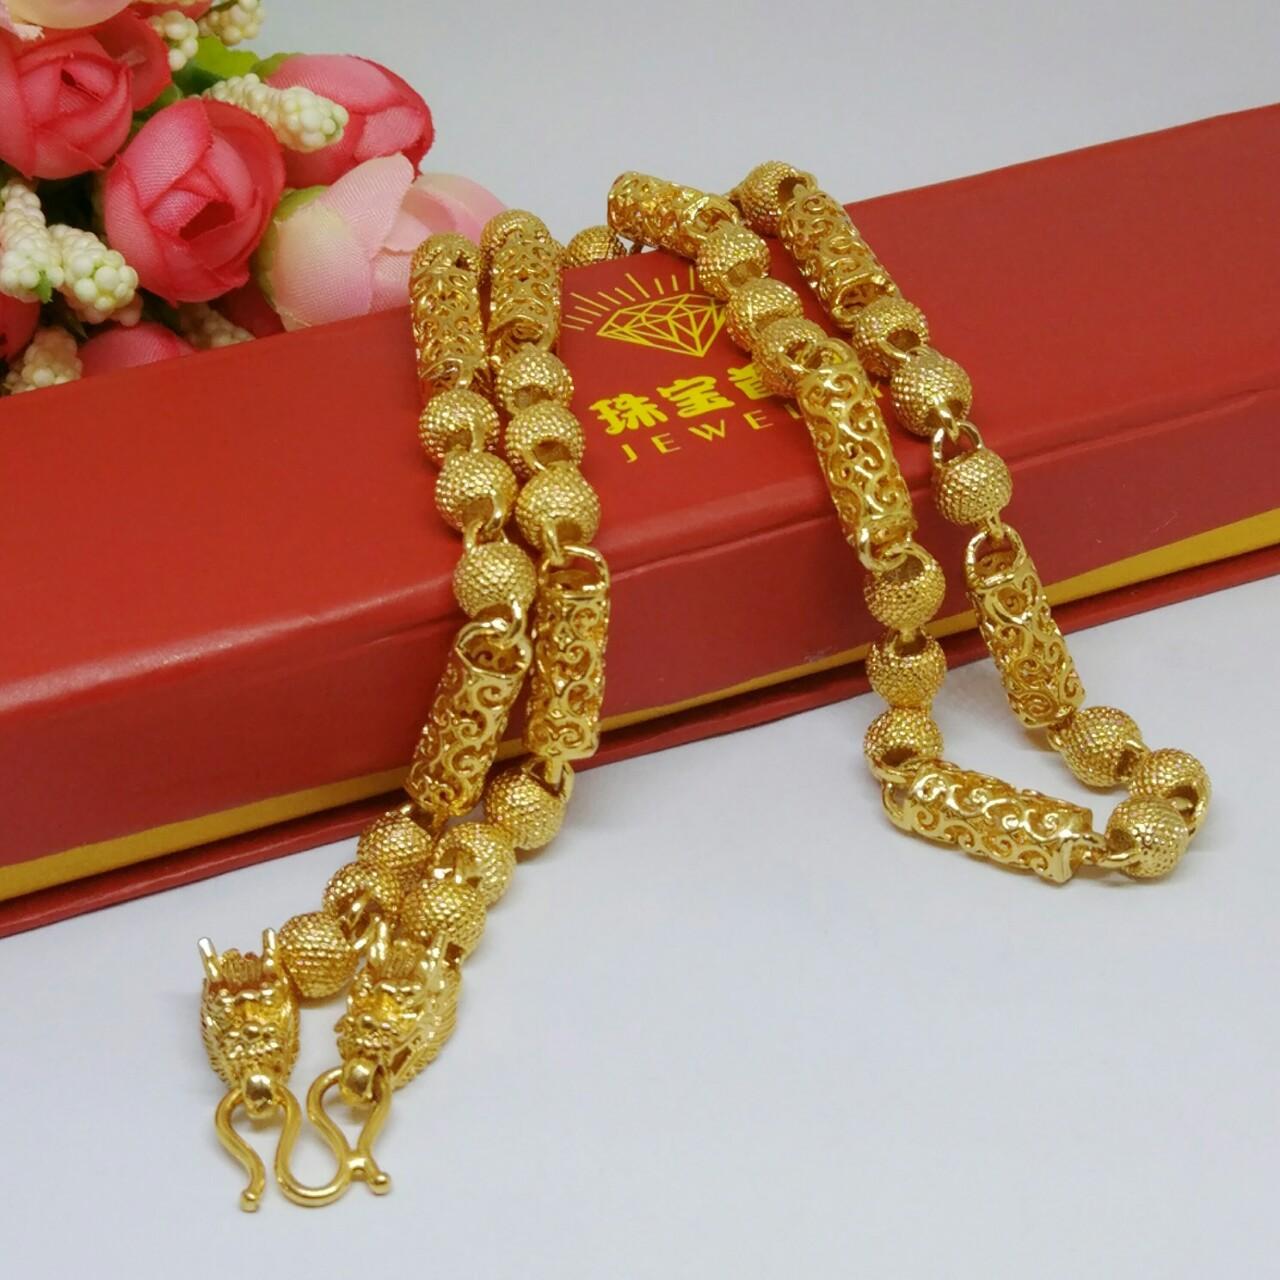 黄铜镀金佛珠龙头项链 男士越南沙金镂空龙链欧币 仿真金圆珠链